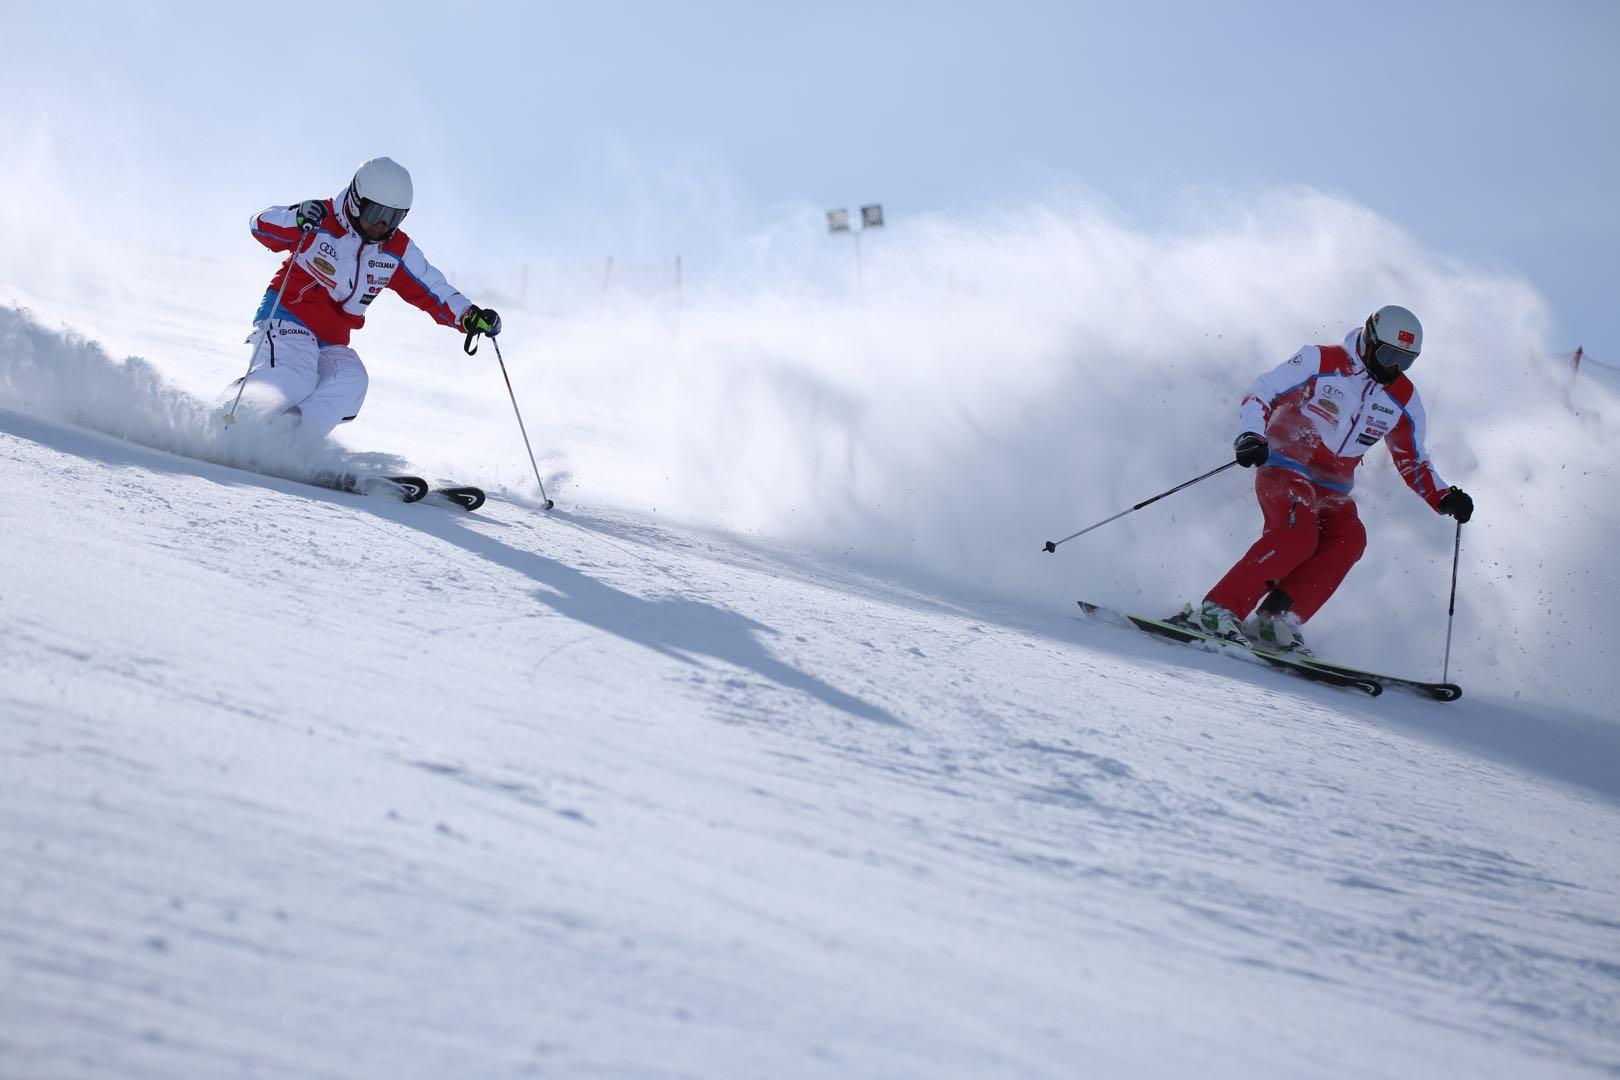 文化和旅游部:提醒游客冰雪旅游要注意安全